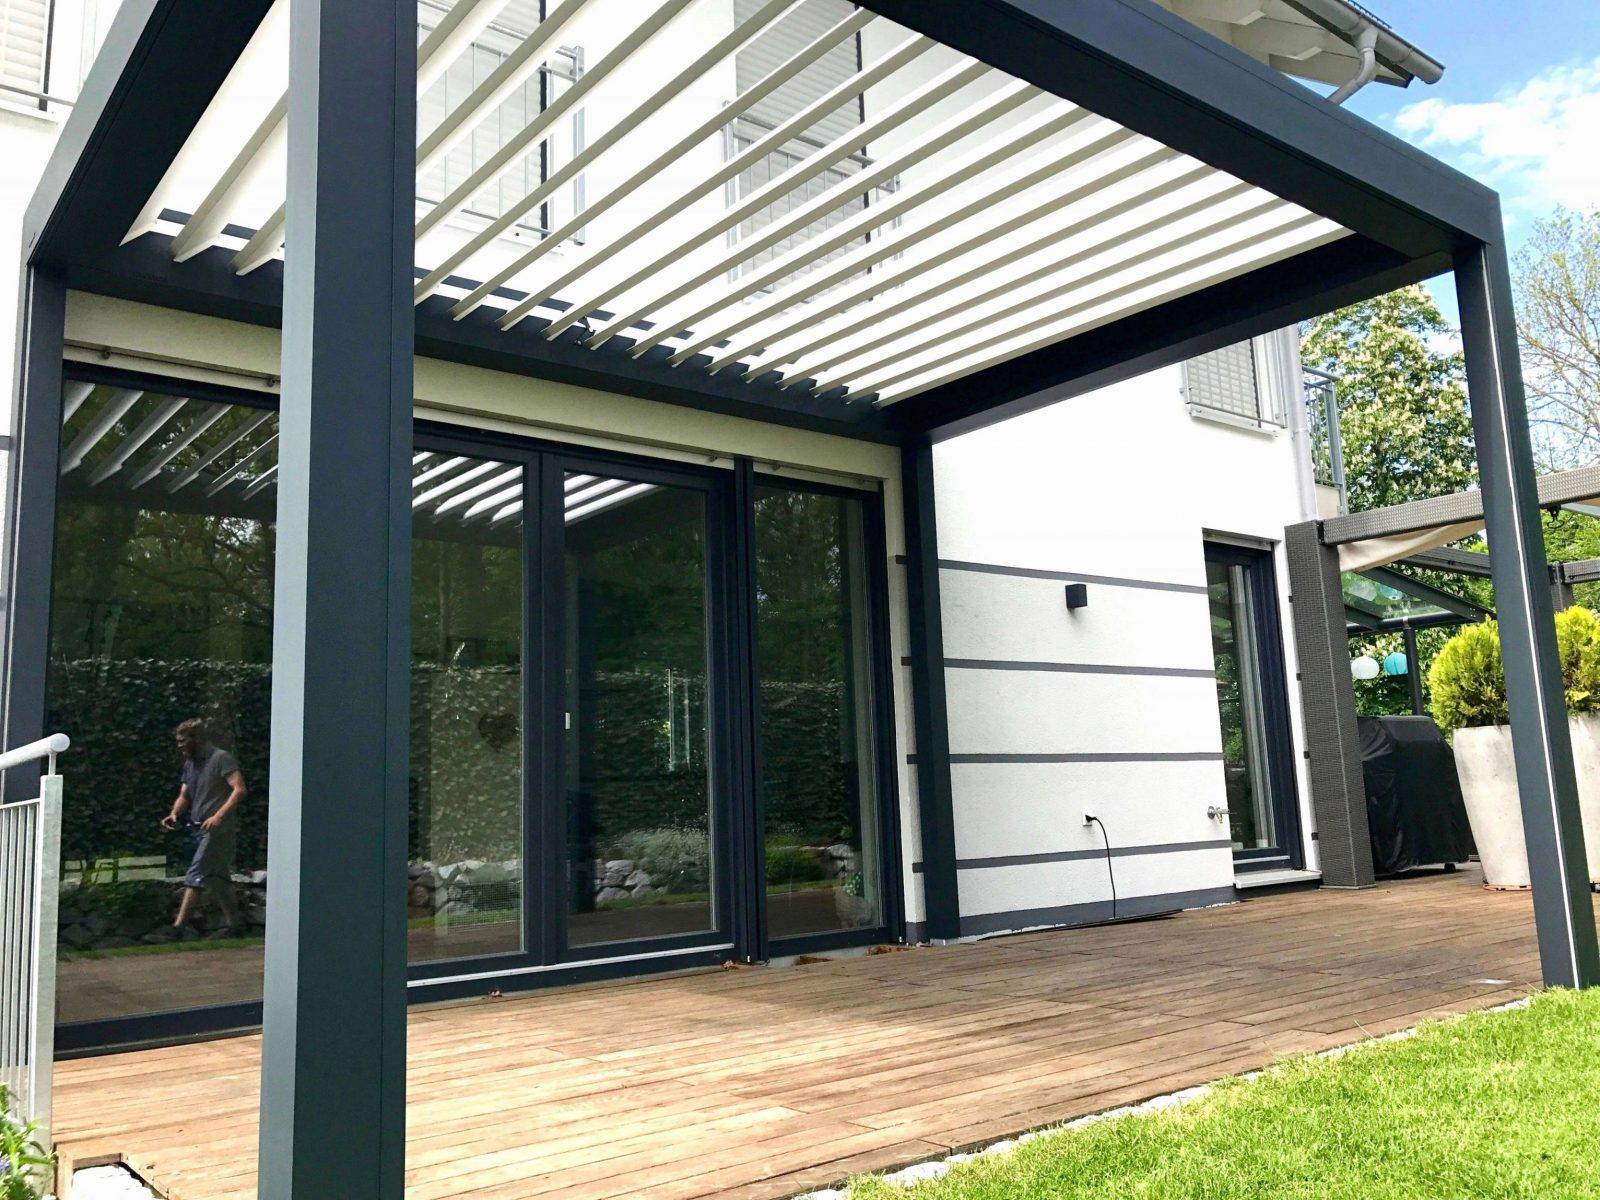 Balkon Dach Ohne Bohren Luxus Sichtschutz Terrasse Ohne Bohren von Balkon Dach Ohne Bohren Bild